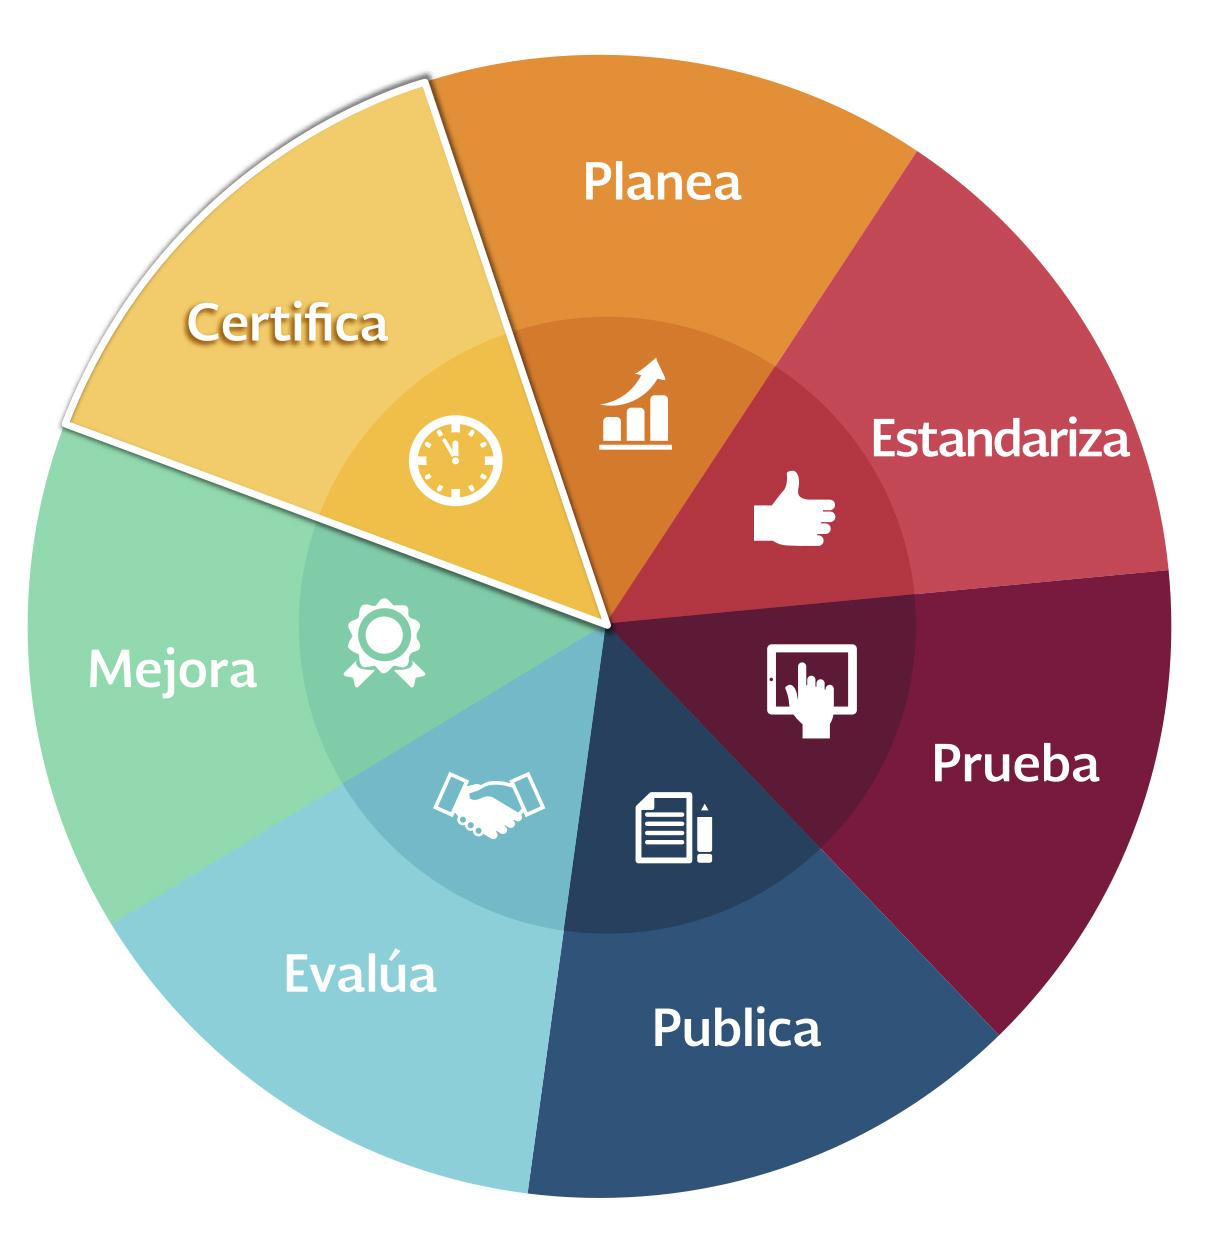 7 pasos para sello de excelencia: 1. Planea 2. Estandariza 3. Prueba 4. Publica 5. Evalúa 6. Mejora y 7. Certifica